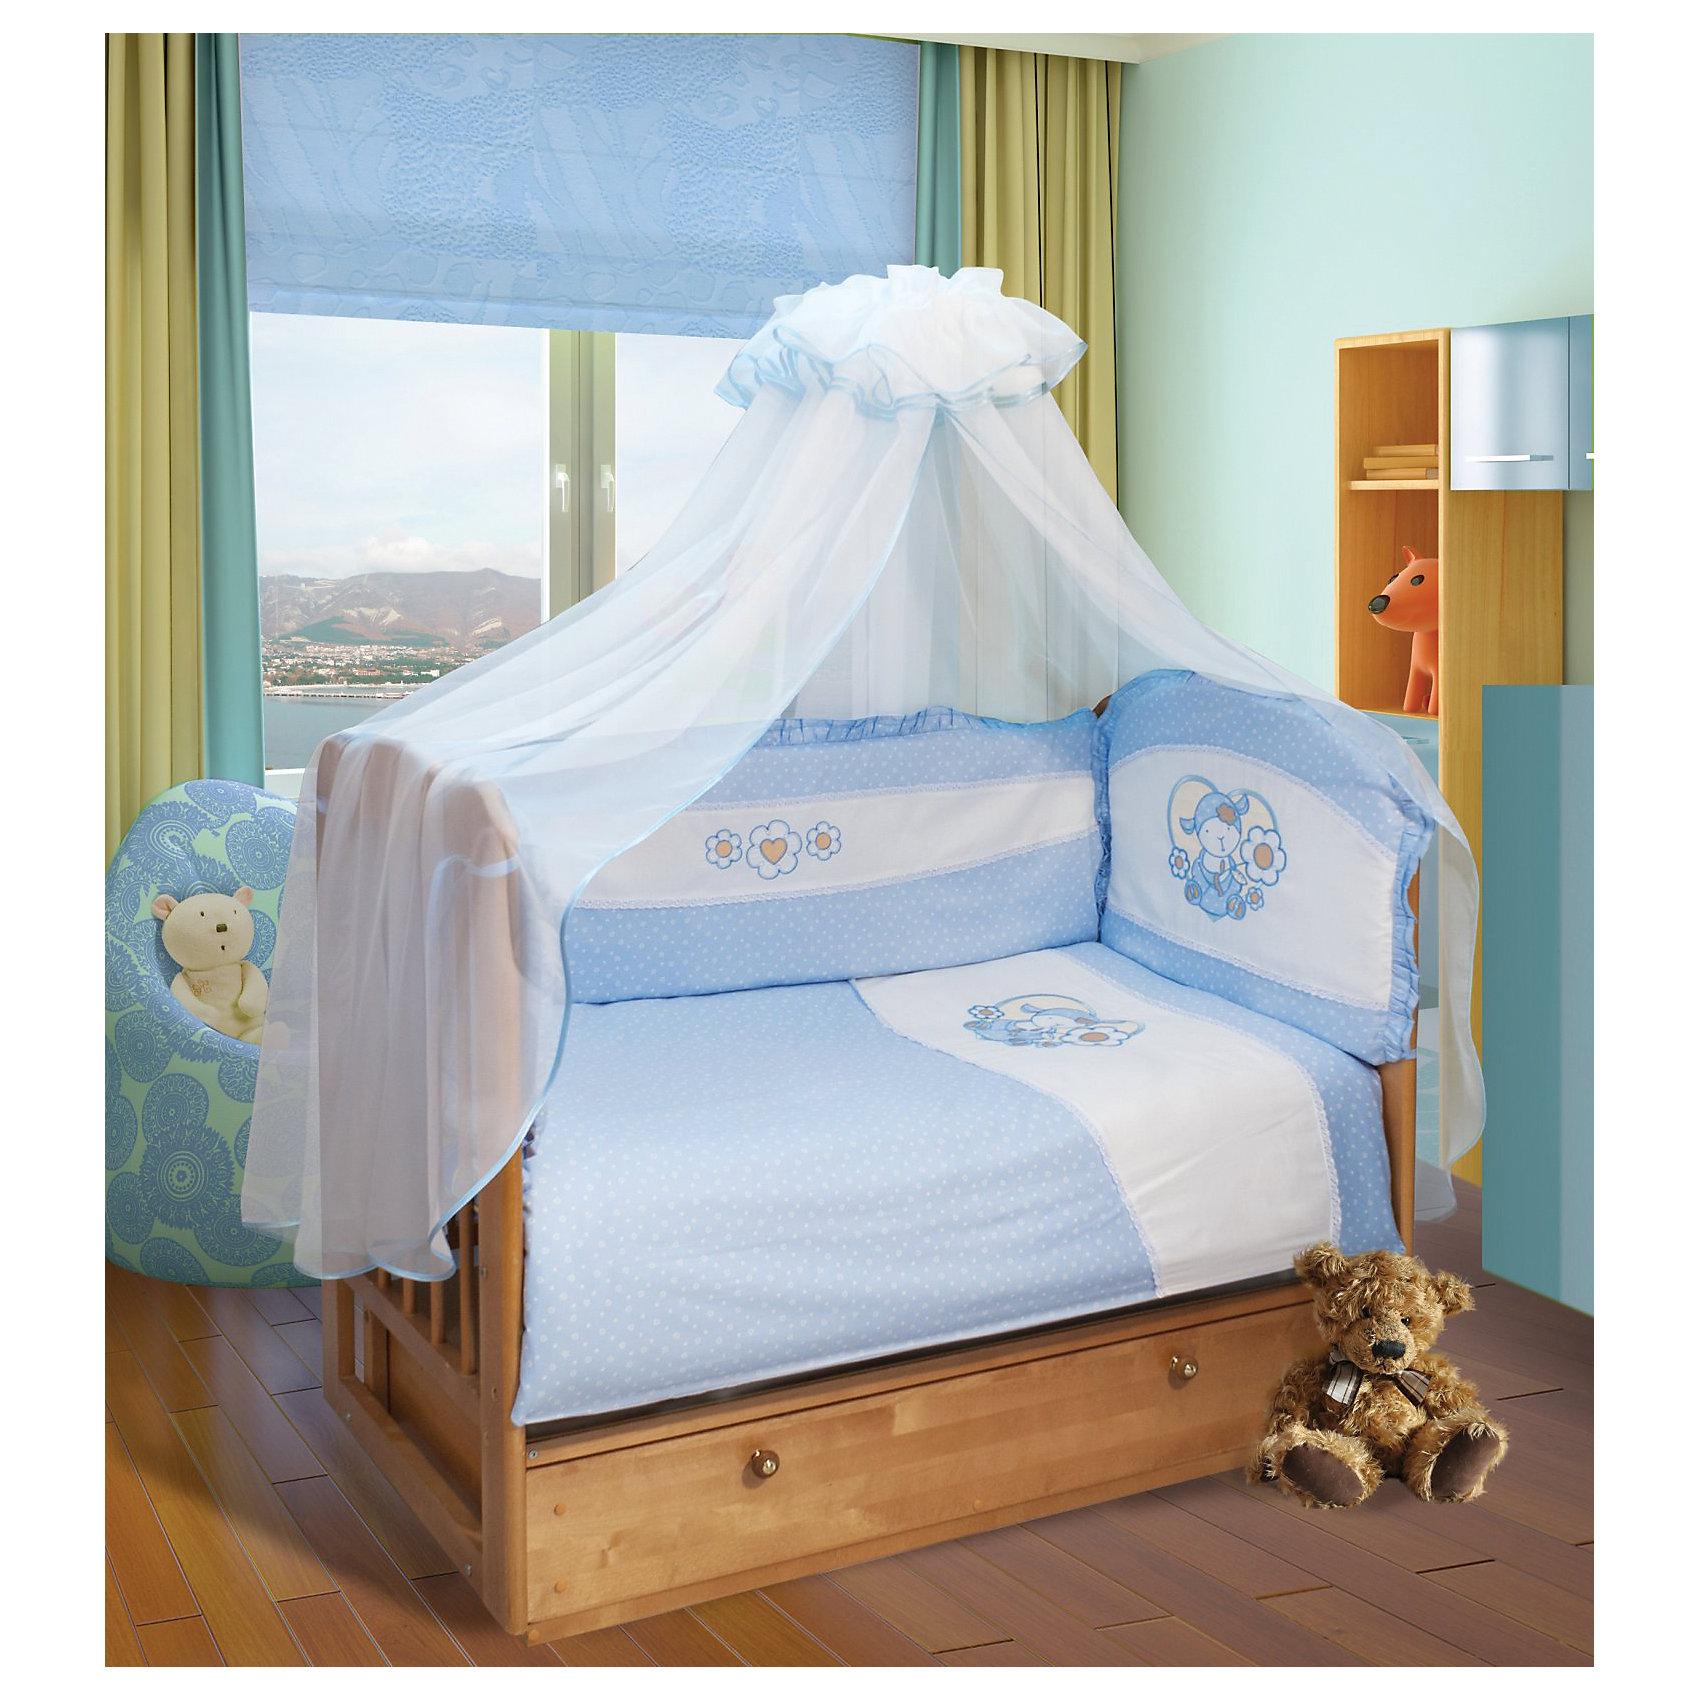 Постельное белье Овечка 7 пред., Soni kids, горошки голубойНежный комплект детского постельного белья обязательно понравится Вашему малышу! <br><br><br> Дополнительная информация:<br><br>- Размеры: <br> Одеяло 140х110 см.<br> Пододеяльника 142х112 см.<br> Простынке на резинке 150х90 см.<br> Подушка 40х60 см.<br> Наволочка 40х60 см. <br> Вуаль-балдахин 165х420 см.<br>- Орнамент: голубой горошек.<br>- Возраст: до 3 лет.<br>- Материал: 100% хлопок.<br>- Размер упаковки: 25х60х45 см.<br>- Вес в упаковке: 1200 г.<br><br>Купить постельное белье Овечка от Soni kids можно в нашем магазине.<br><br>Ширина мм: 250<br>Глубина мм: 600<br>Высота мм: 450<br>Вес г: 1200<br>Возраст от месяцев: 0<br>Возраст до месяцев: 36<br>Пол: Мужской<br>Возраст: Детский<br>SKU: 4905940